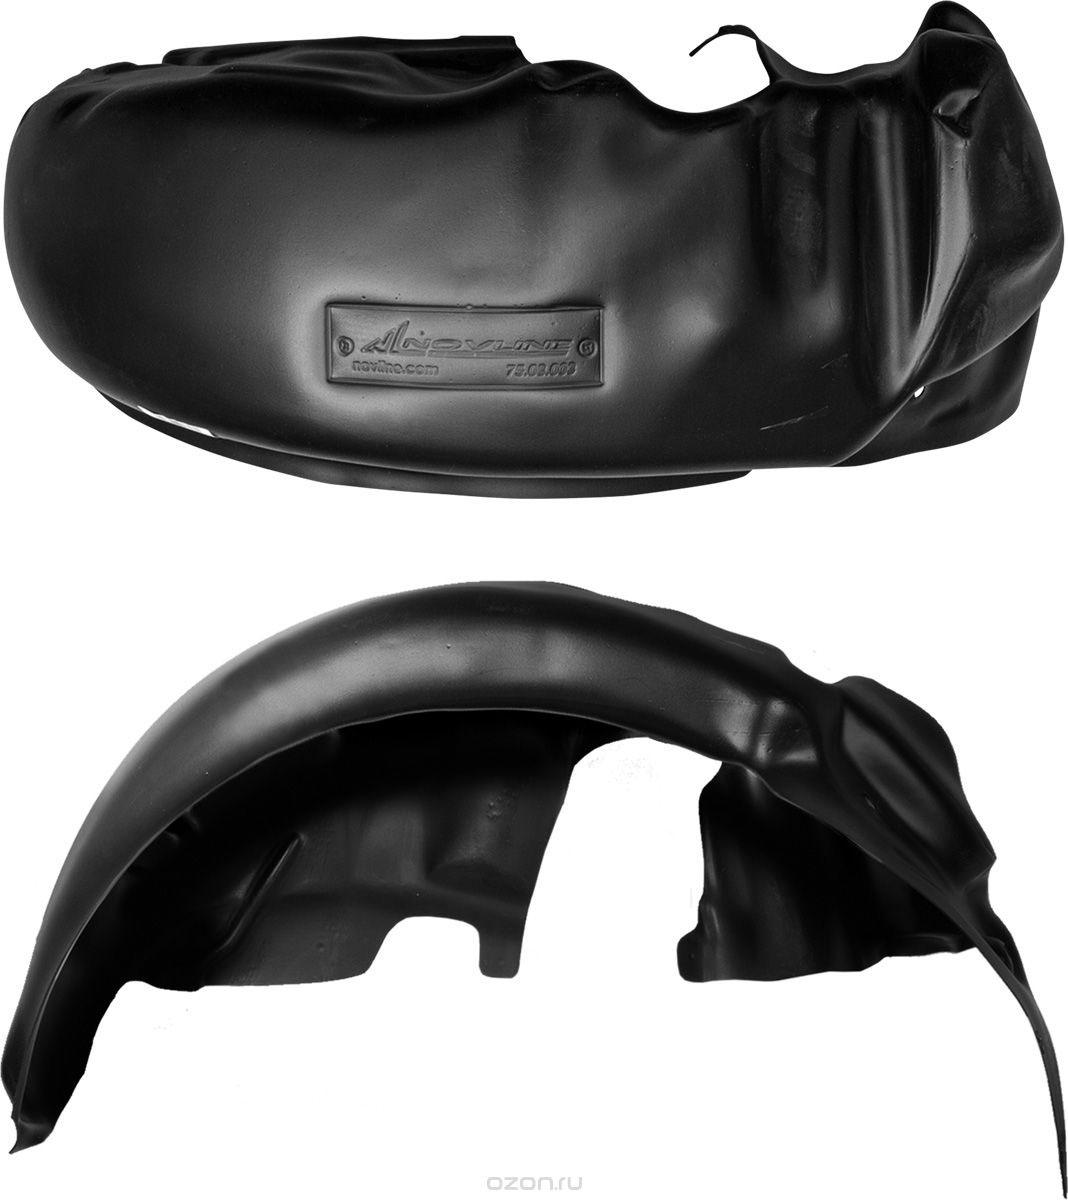 Подкрылок Novline-Autofamily, для PEUGEOT Boxer /CITROEN Jumper, передний правый с расширителями арок, 2006-2014NLL.38.19.002Идеальная защита колесной ниши. Локеры разработаны с применением цифровых технологий, гарантируют максимальную повторяемость поверхности арки. Изделия устанавливаются без нарушения лакокрасочного покрытия автомобиля, каждый подкрылок комплектуется крепежом. Уважаемые клиенты, обращаем ваше внимание, что фотографии на подкрылки универсальные и не отражают реальную форму изделия. При этом само изделие идет точно под размер указанного автомобиля.